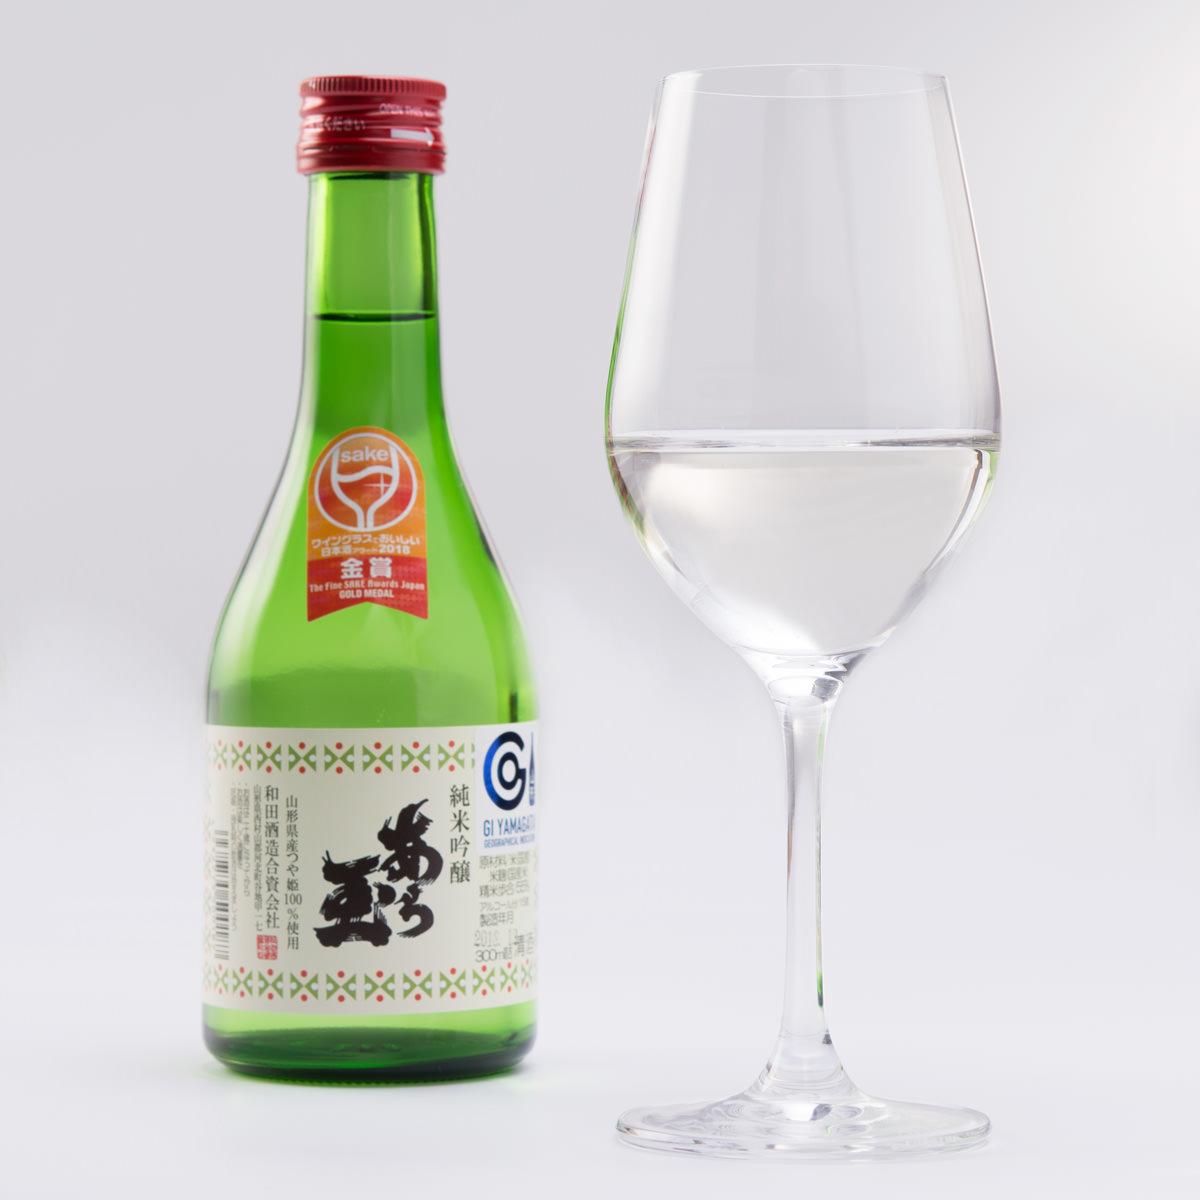 和田酒造 あら玉 ふるさとセット〔つや姫 純米吟醸 あら玉300ml×3・出羽燦々 純米吟醸 あら玉300ml×2〕 [純米吟醸]